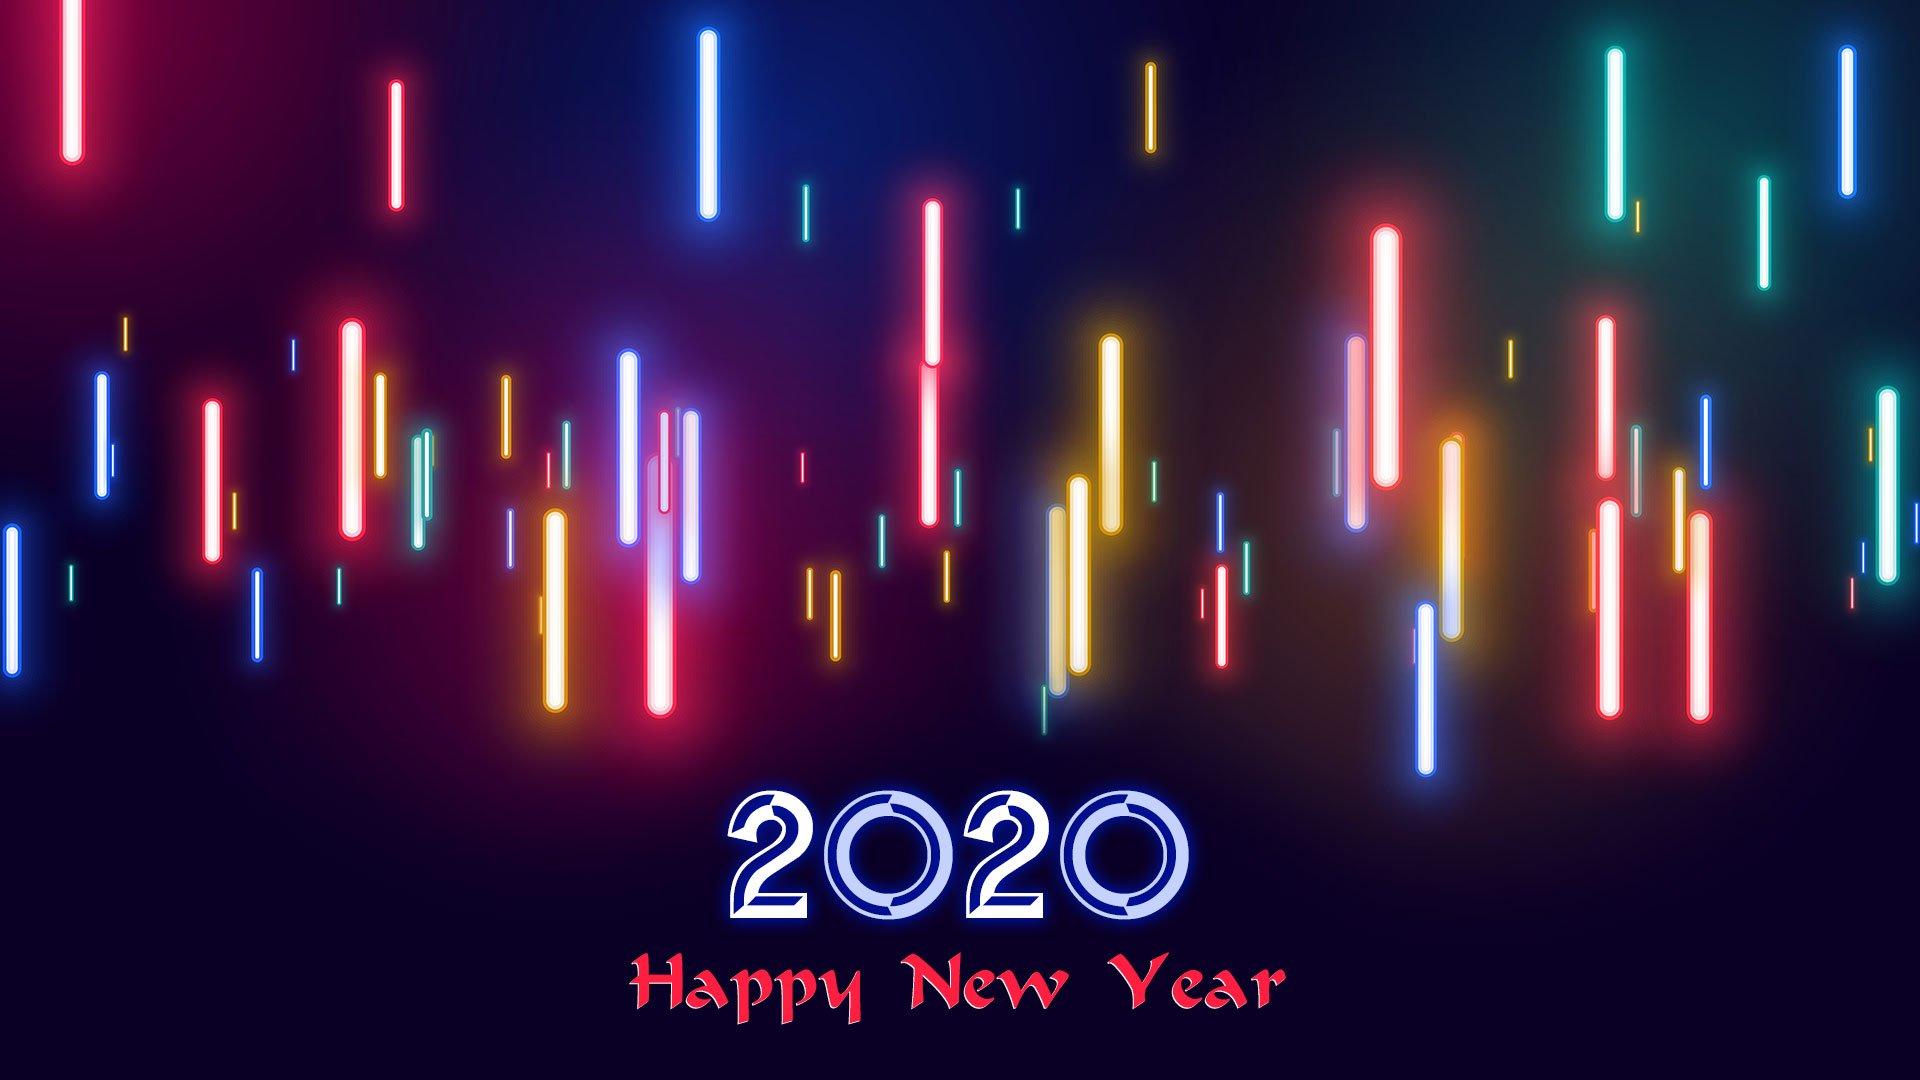 HD Wallpaper 2020 HD Images 2020 1920x1080